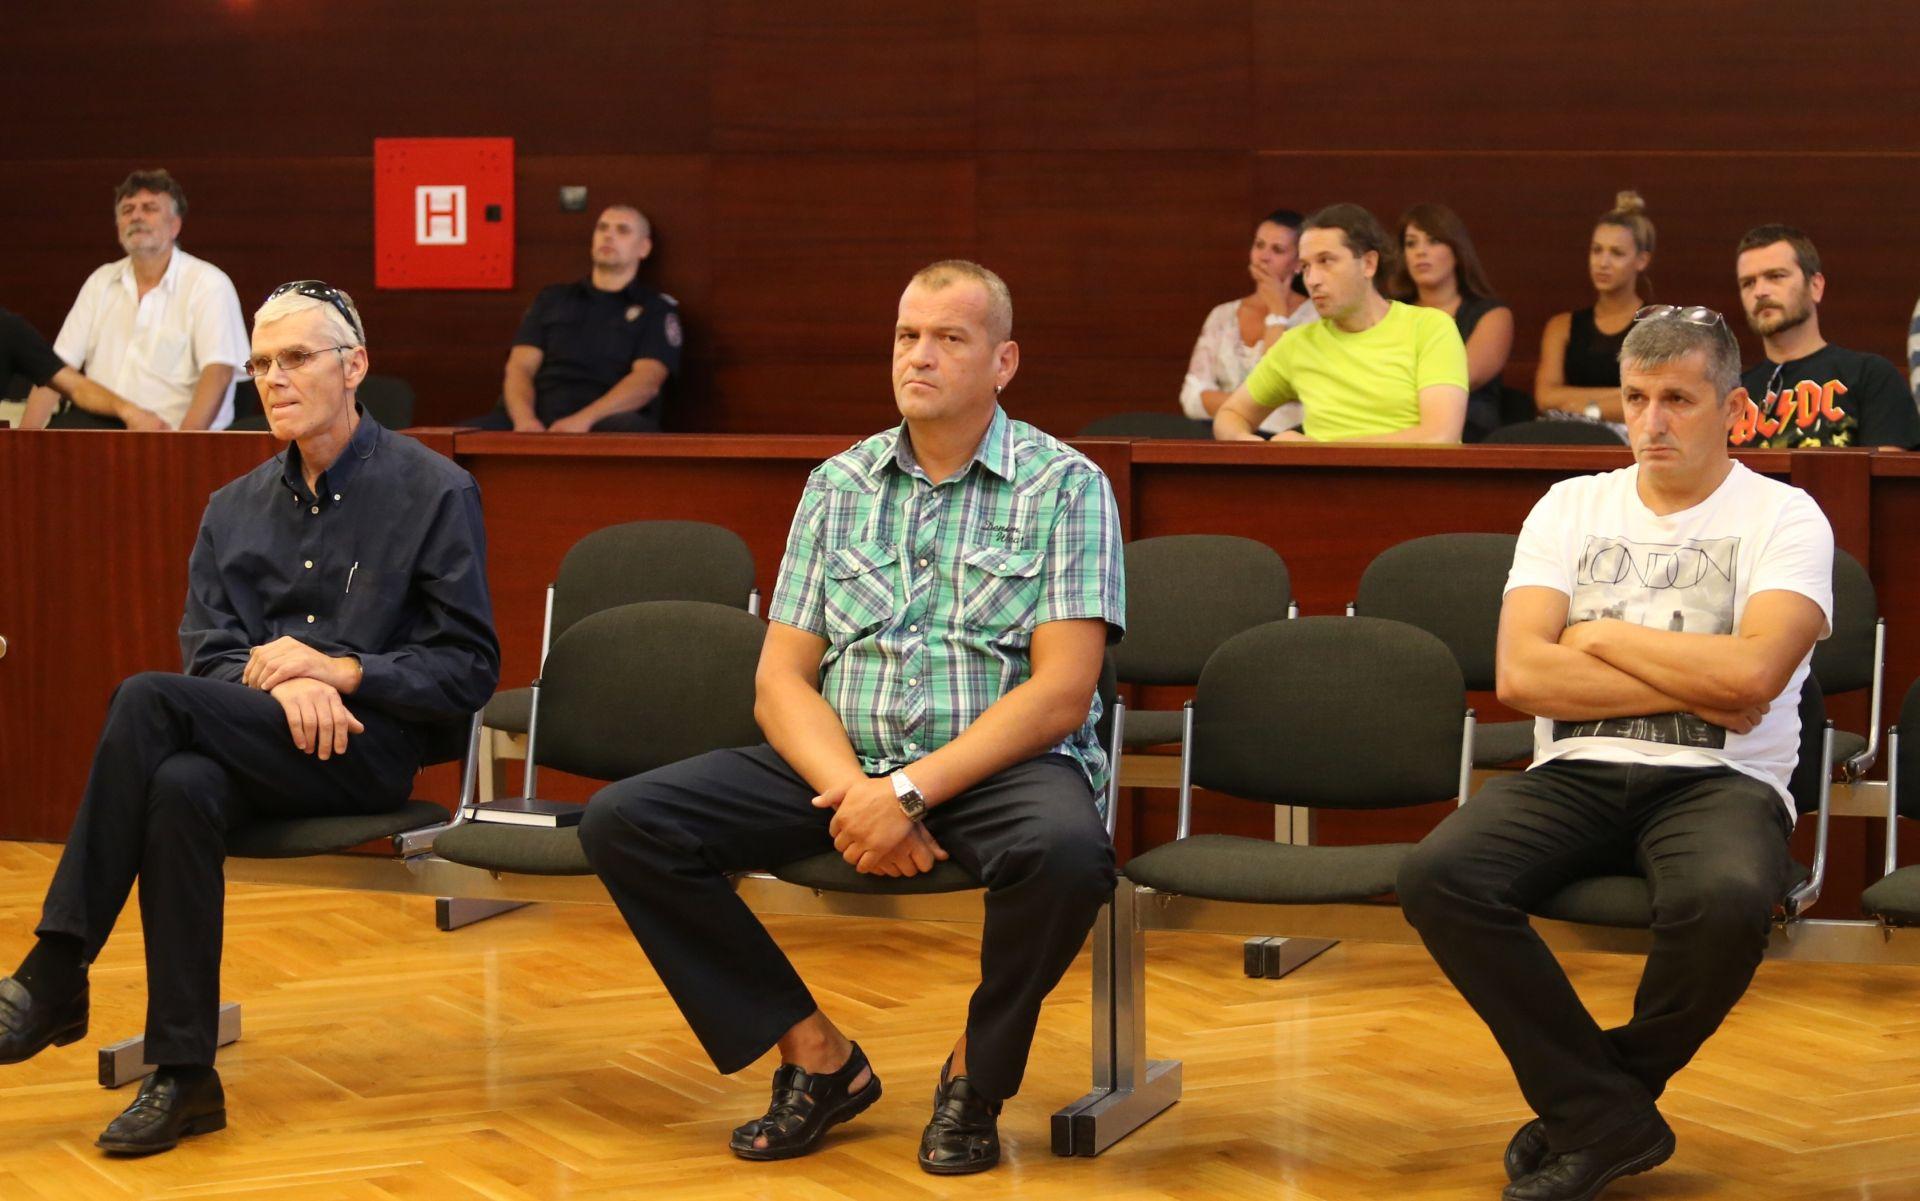 ŽUPANIJSKI SUD U SPLITU Počelo suđenje u slučaju Lora 2